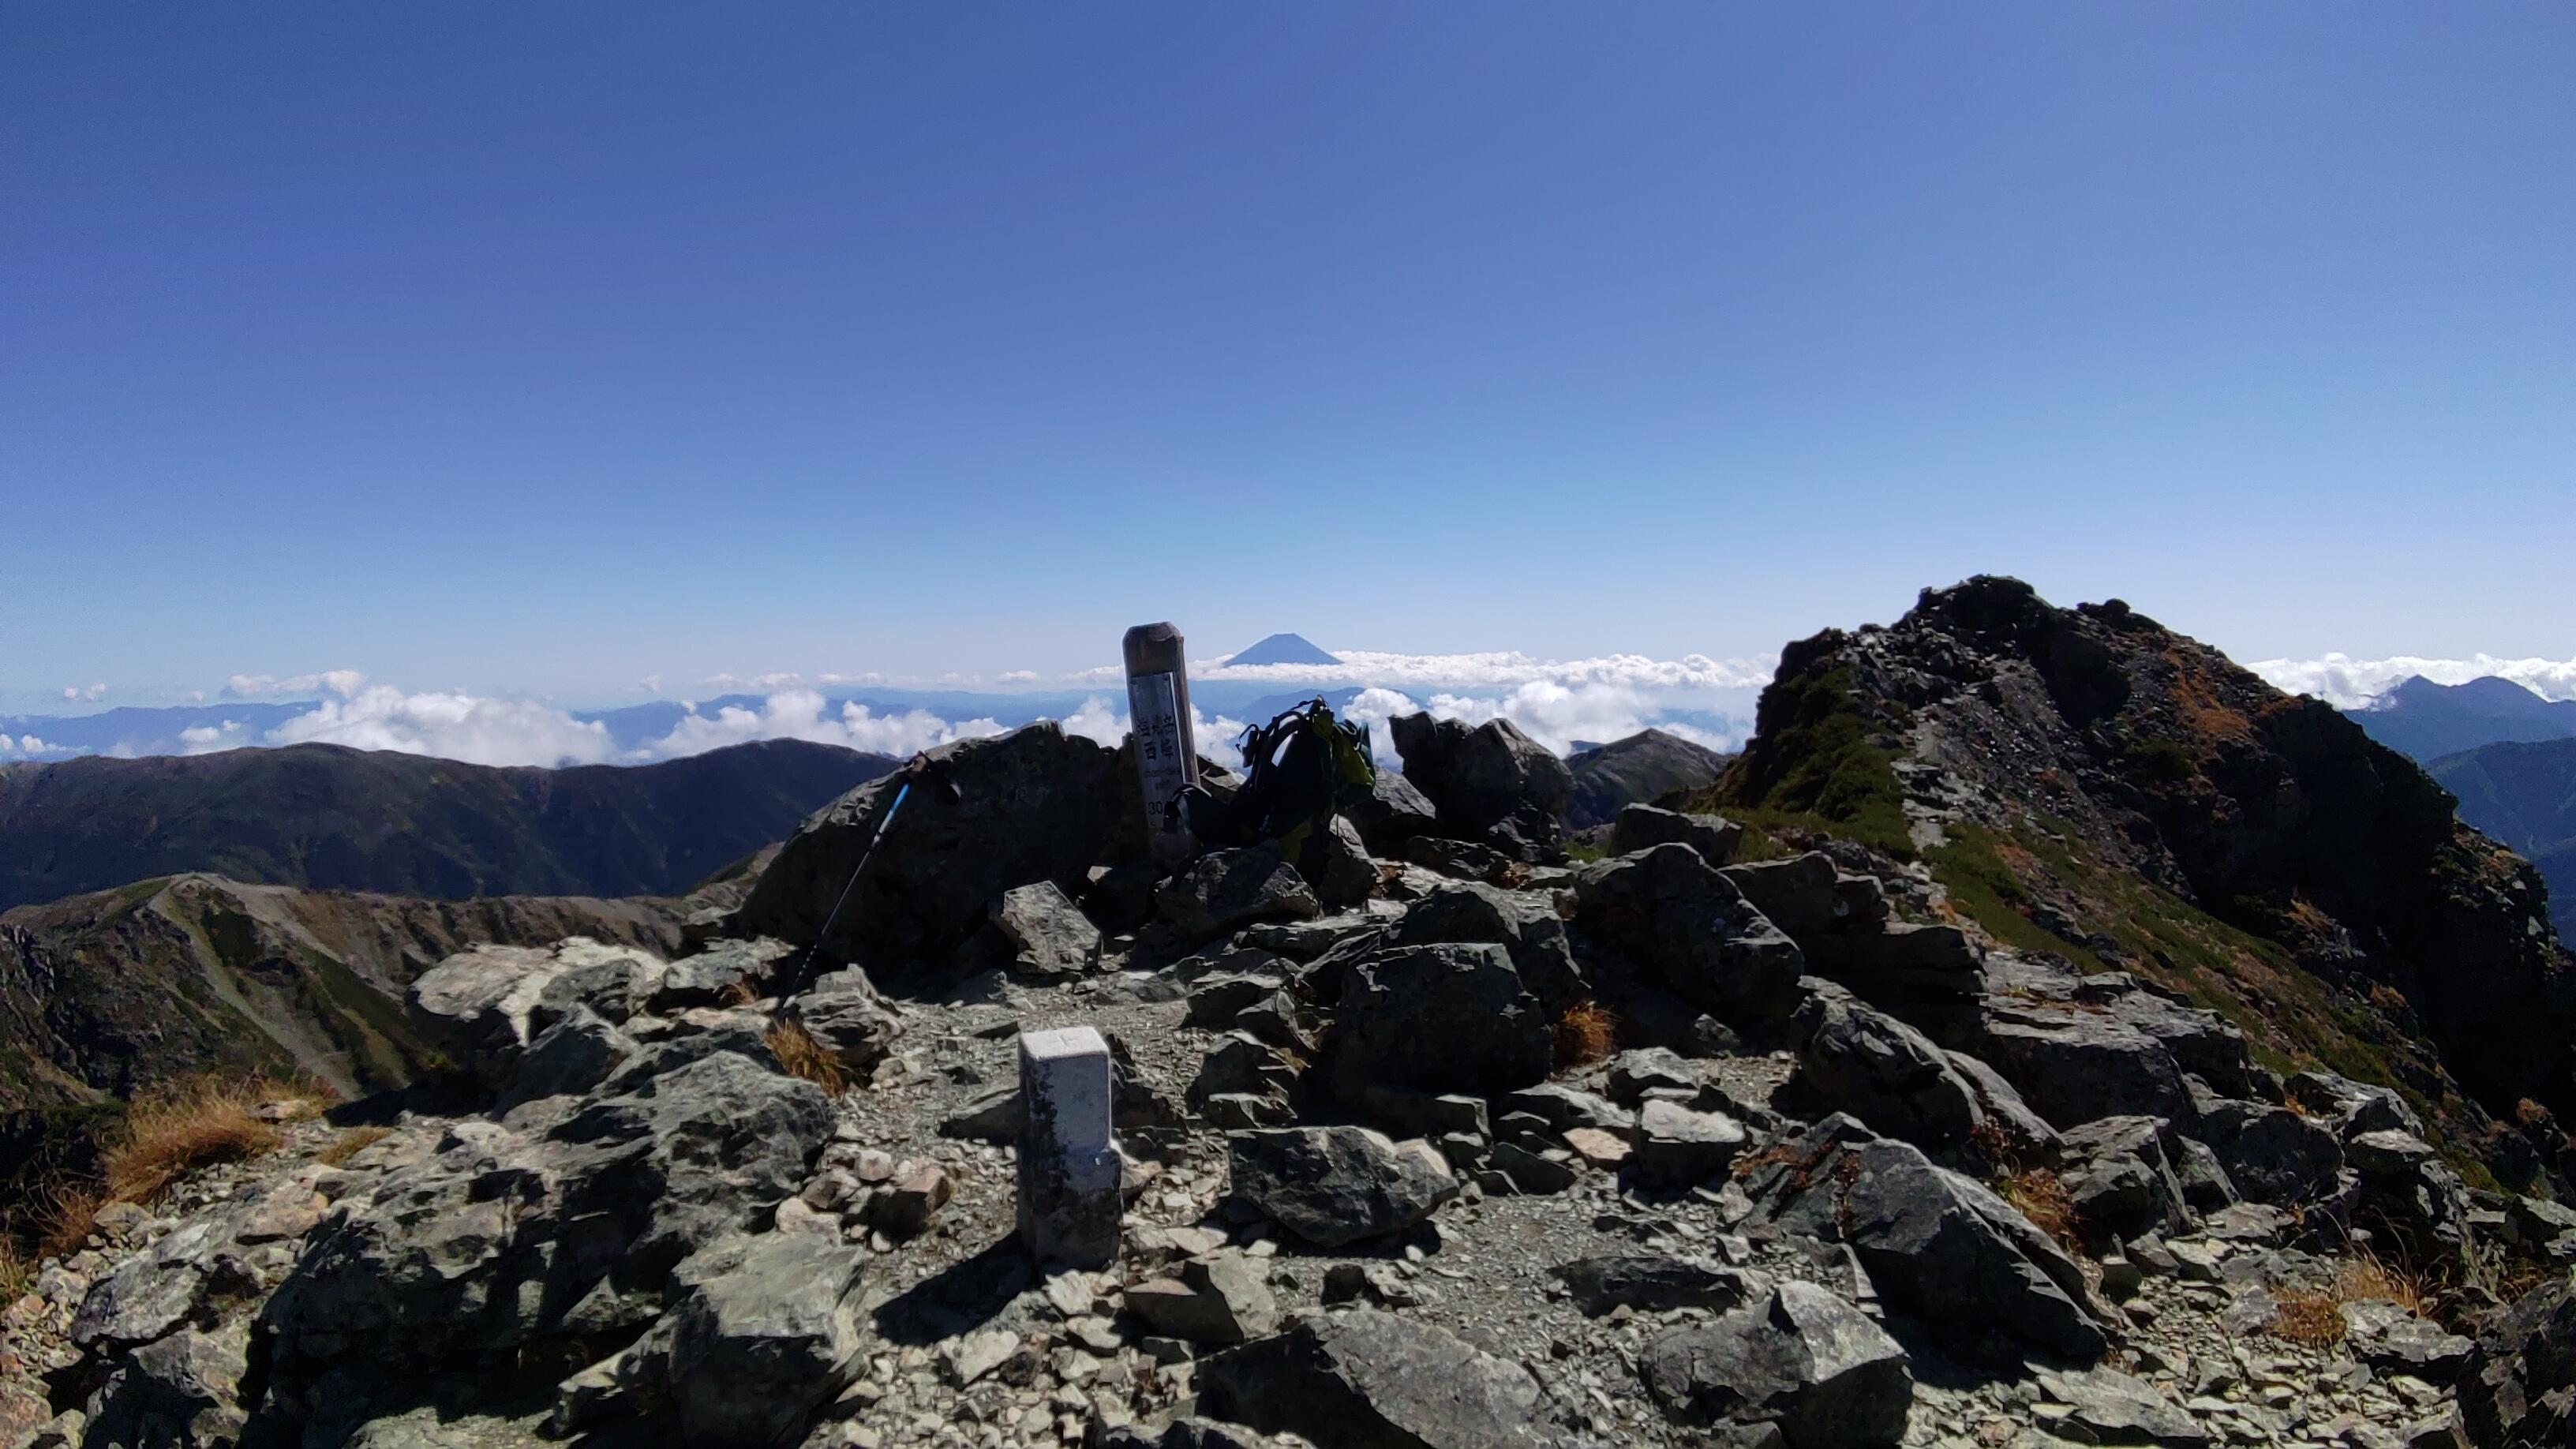 南アルプス 塩見岳(3047m) 登山 【2018/09/27~29】☆2日目と3日目の写真☆